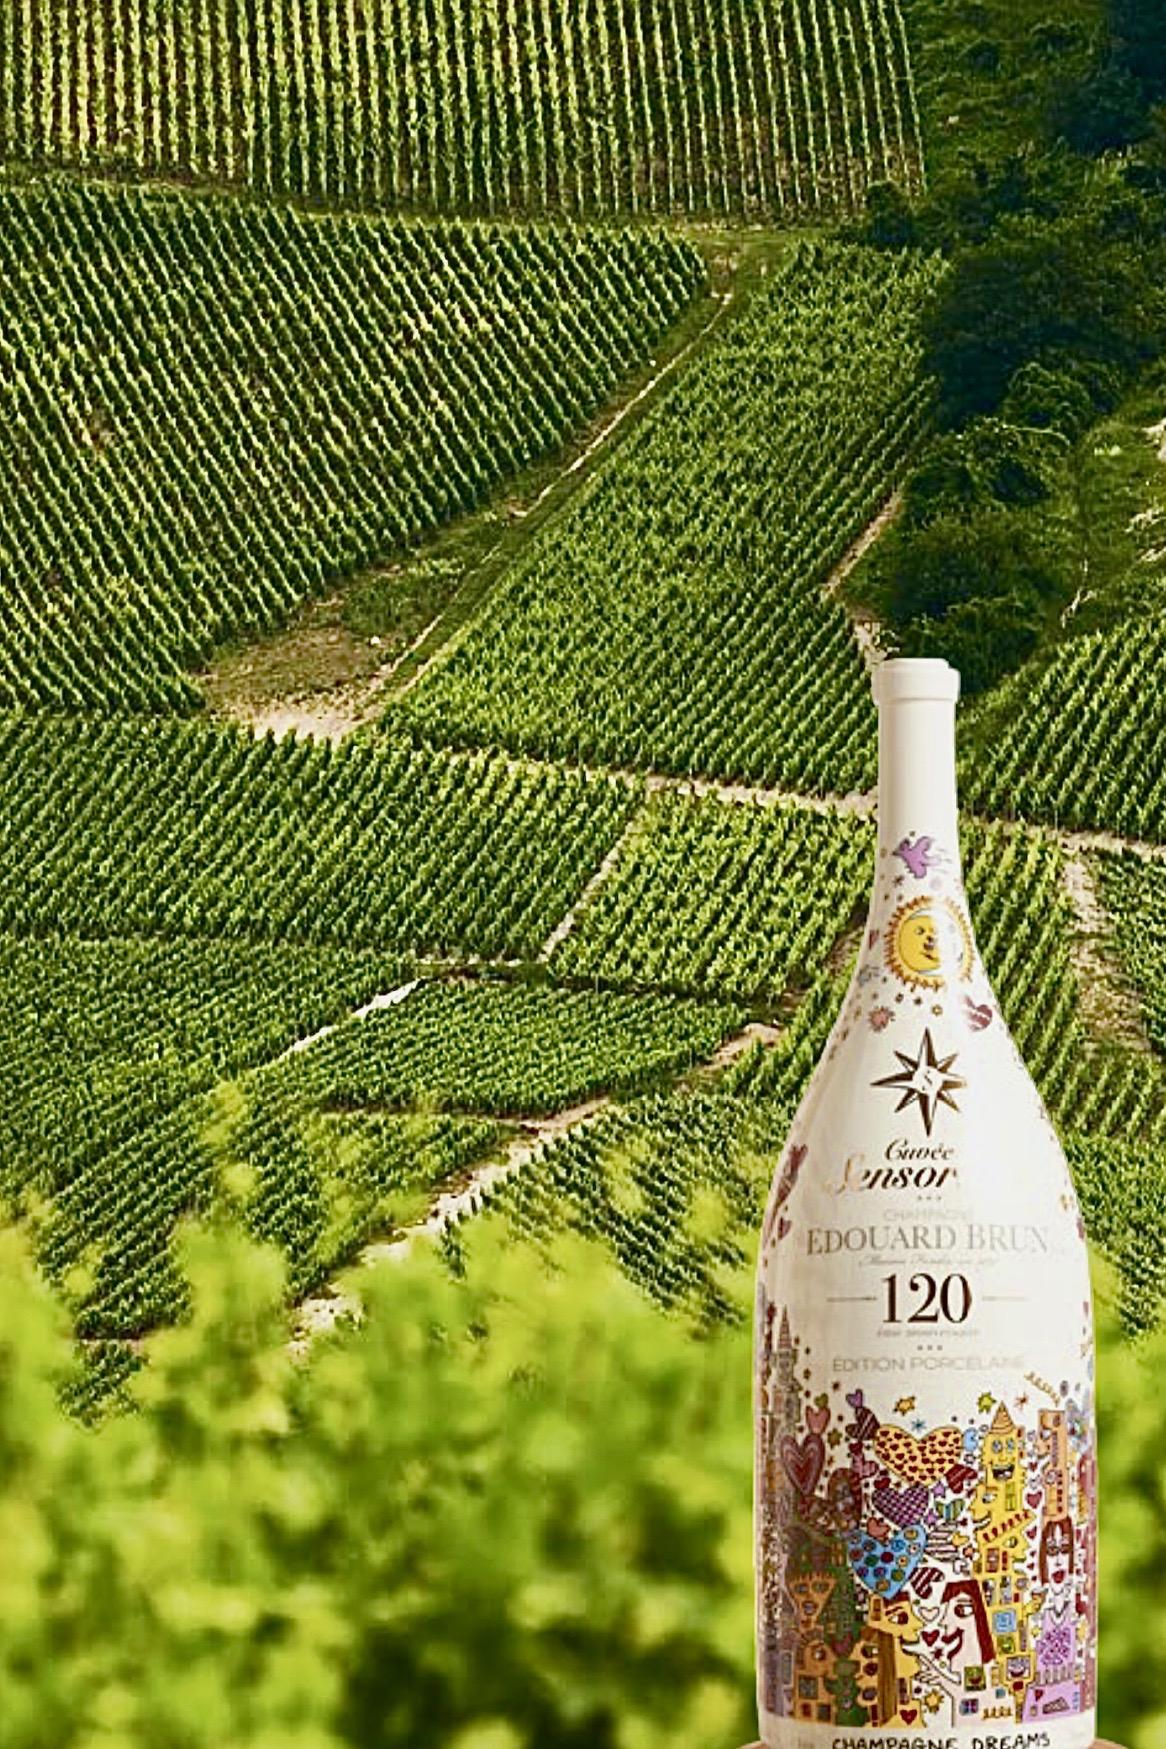 Une marque nommée Sensorium issue de la collaboration de la maison de porcelaine Reichenbach, et de la maison de champagne Edouard Brun à Aÿ.